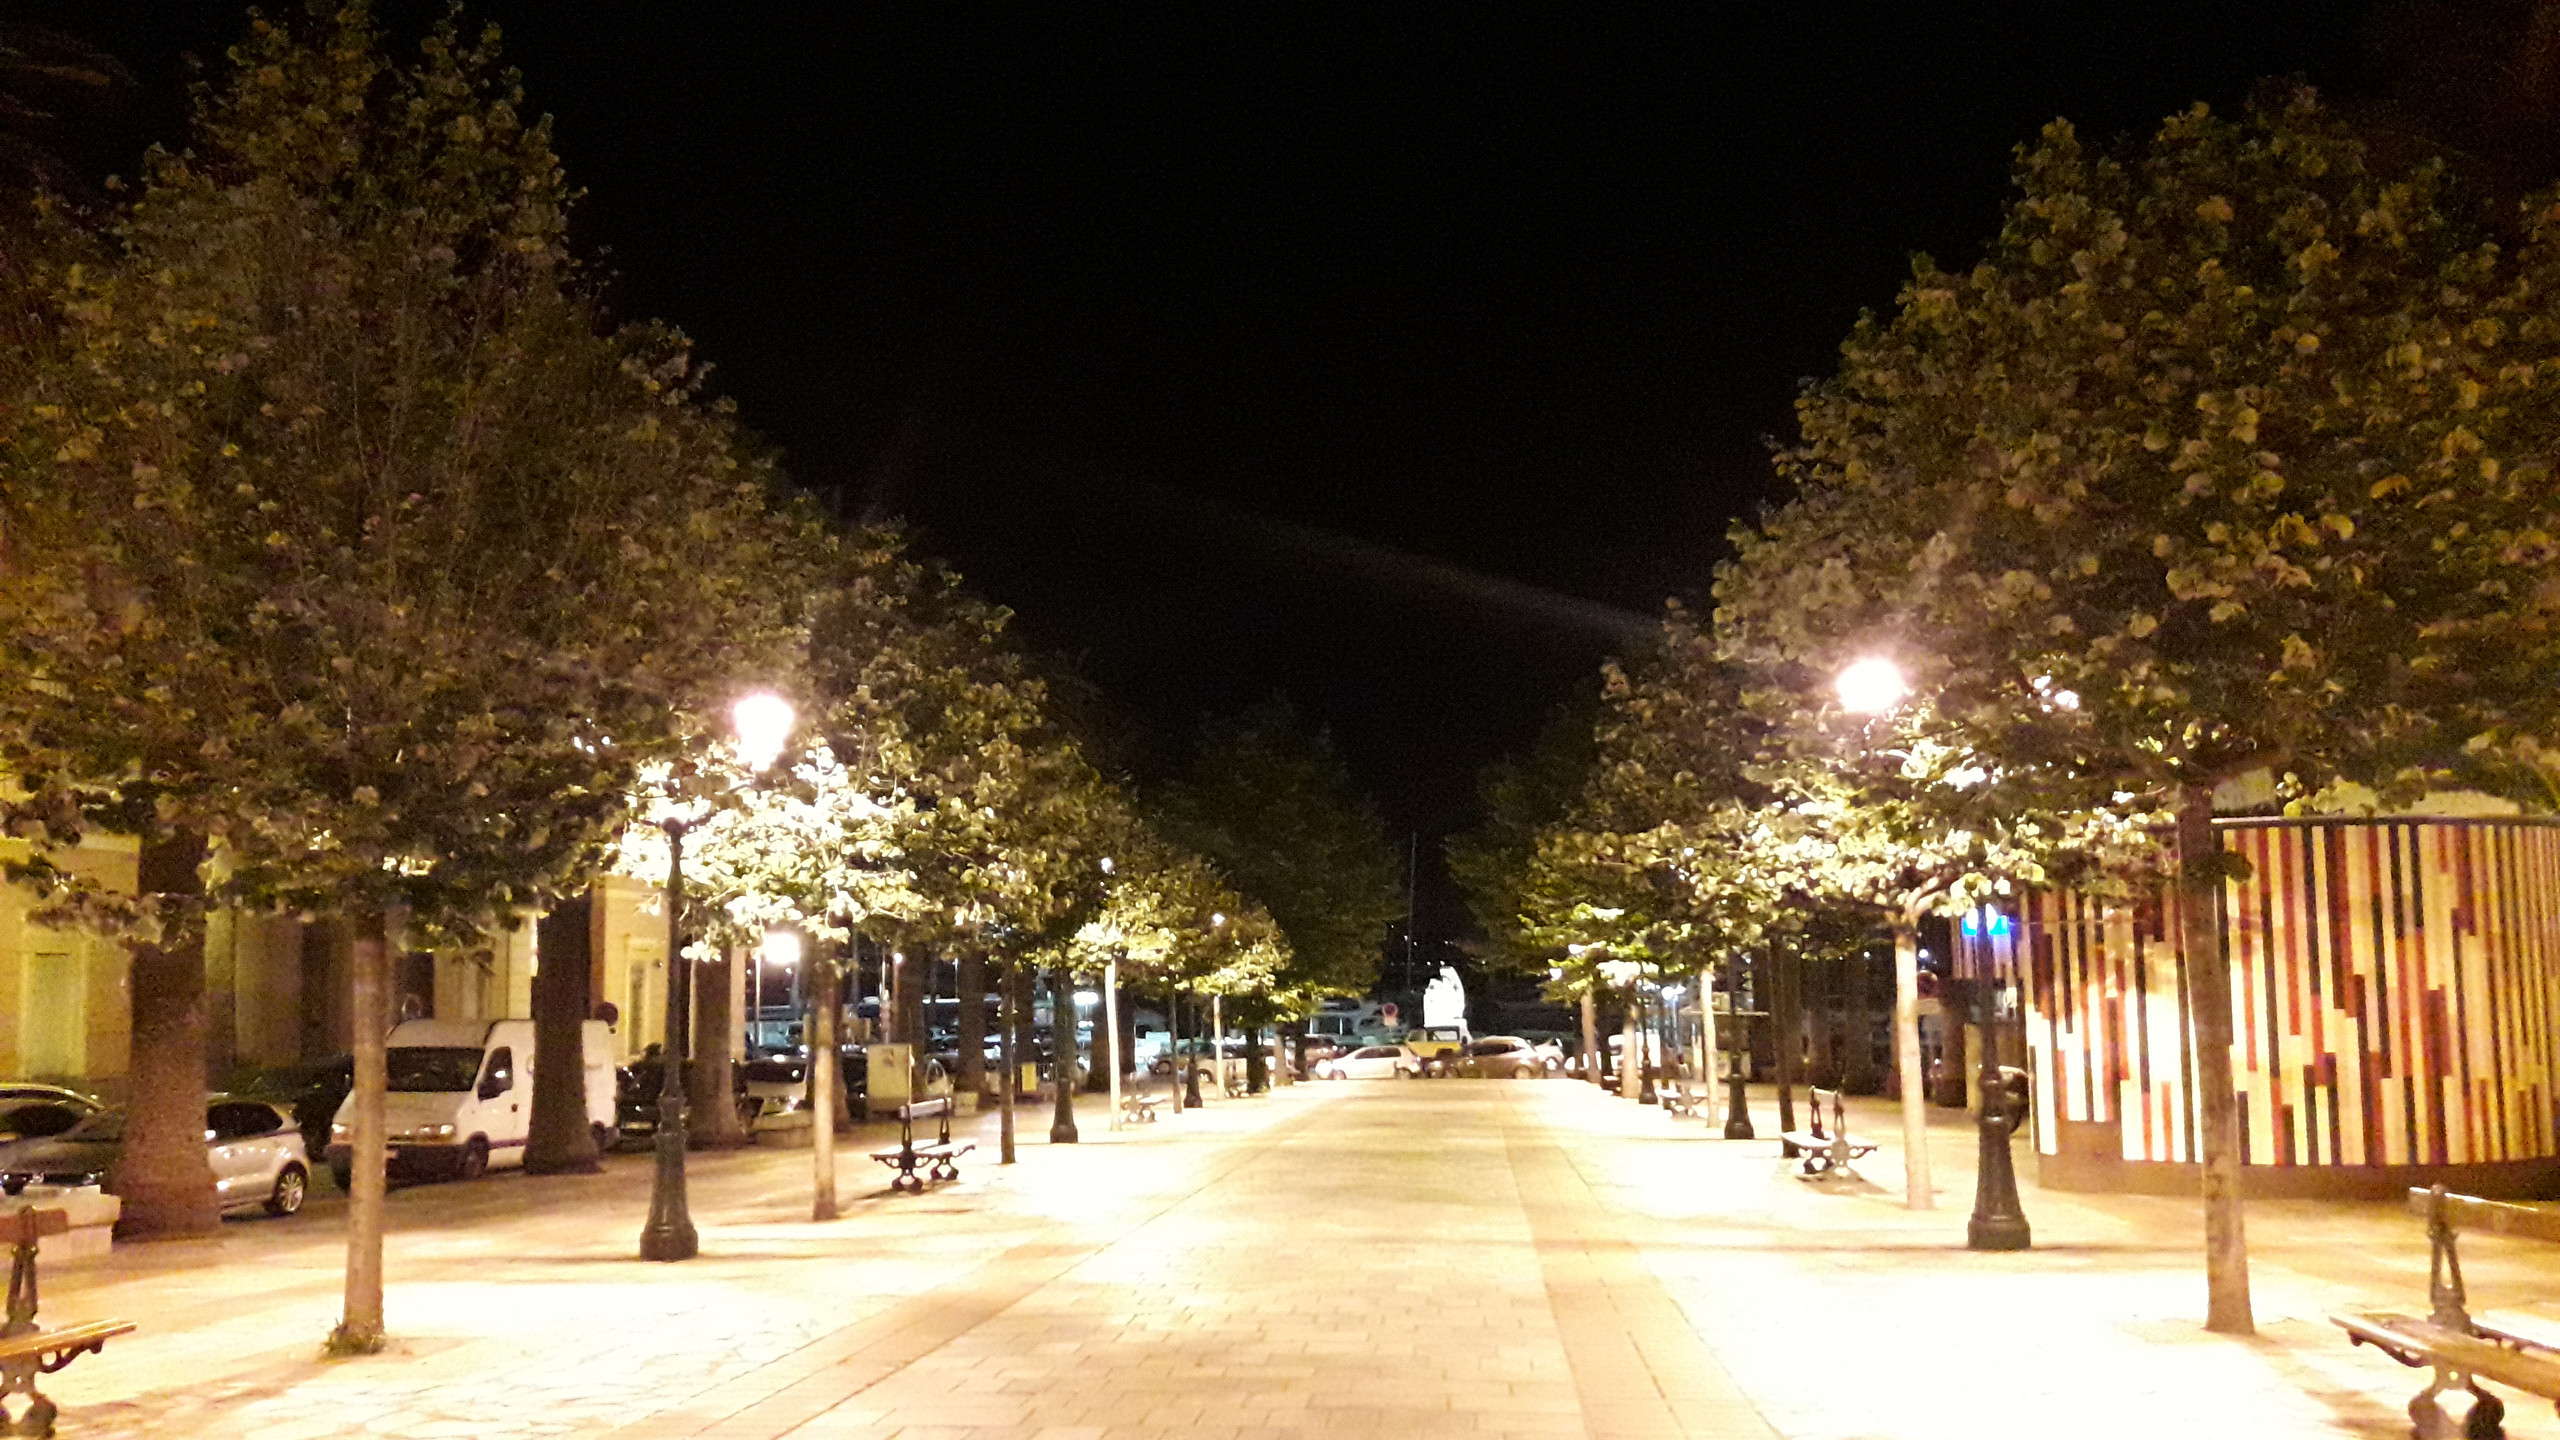 Ajaccio at night